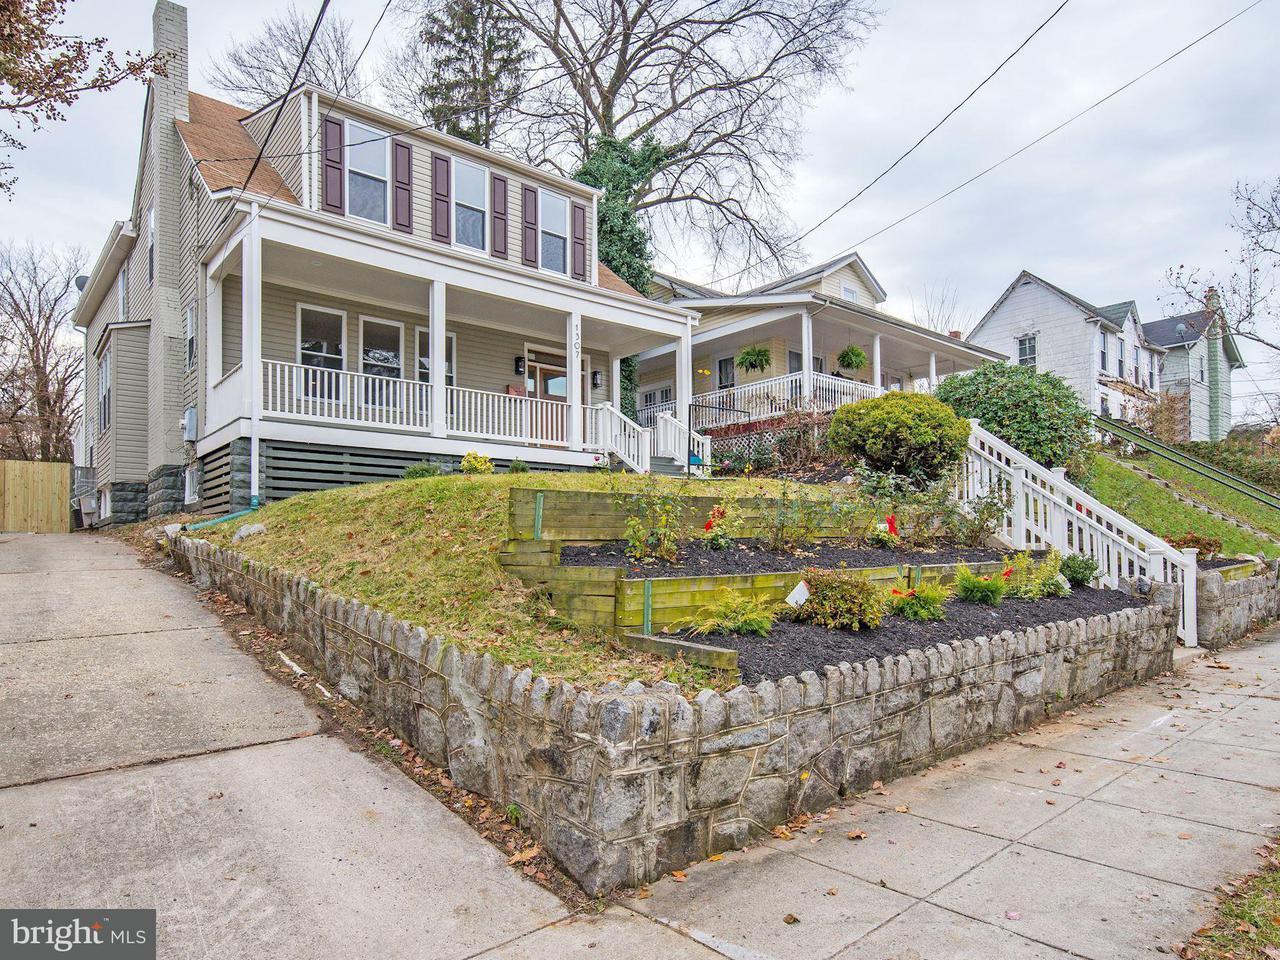 独户住宅 为 销售 在 1307 GIRARD ST NE 1307 GIRARD ST NE 华盛顿市, 哥伦比亚特区 20017 美国